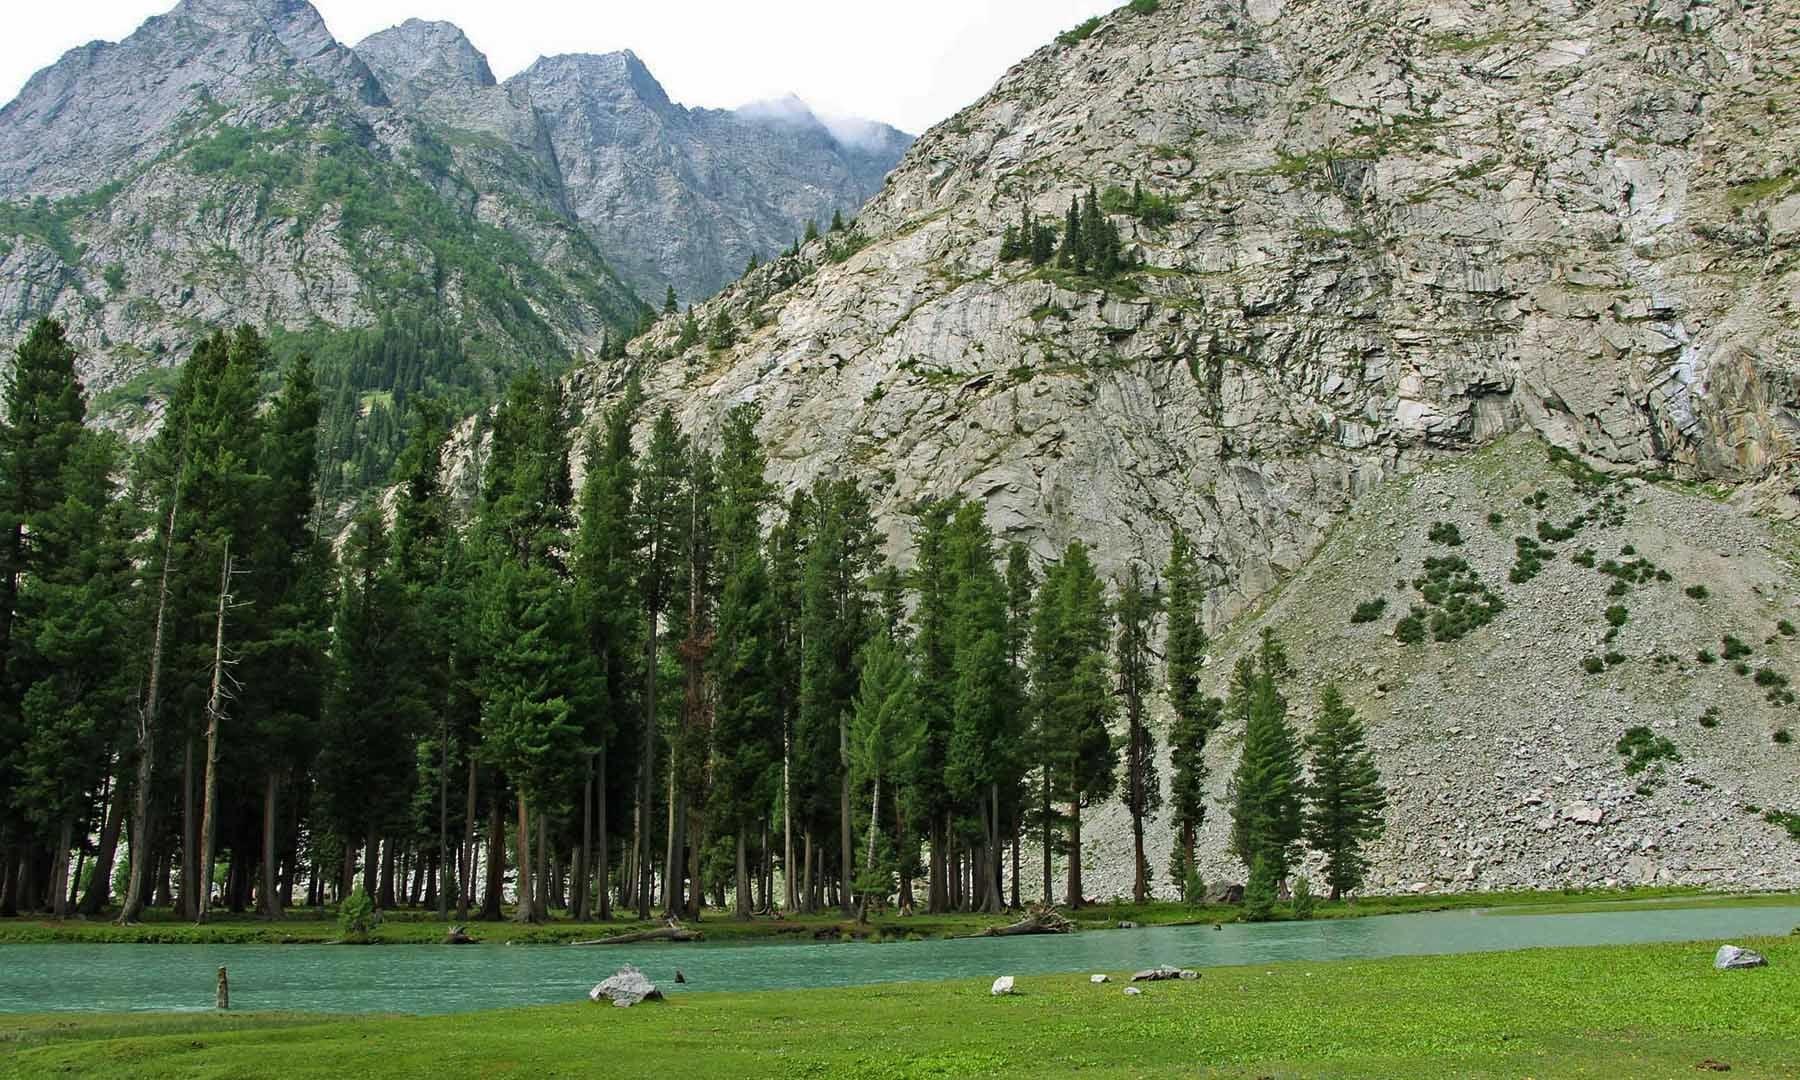 جھیل سیف اللہ کا دوسرا منظر— تصویر امجد علی سحاب